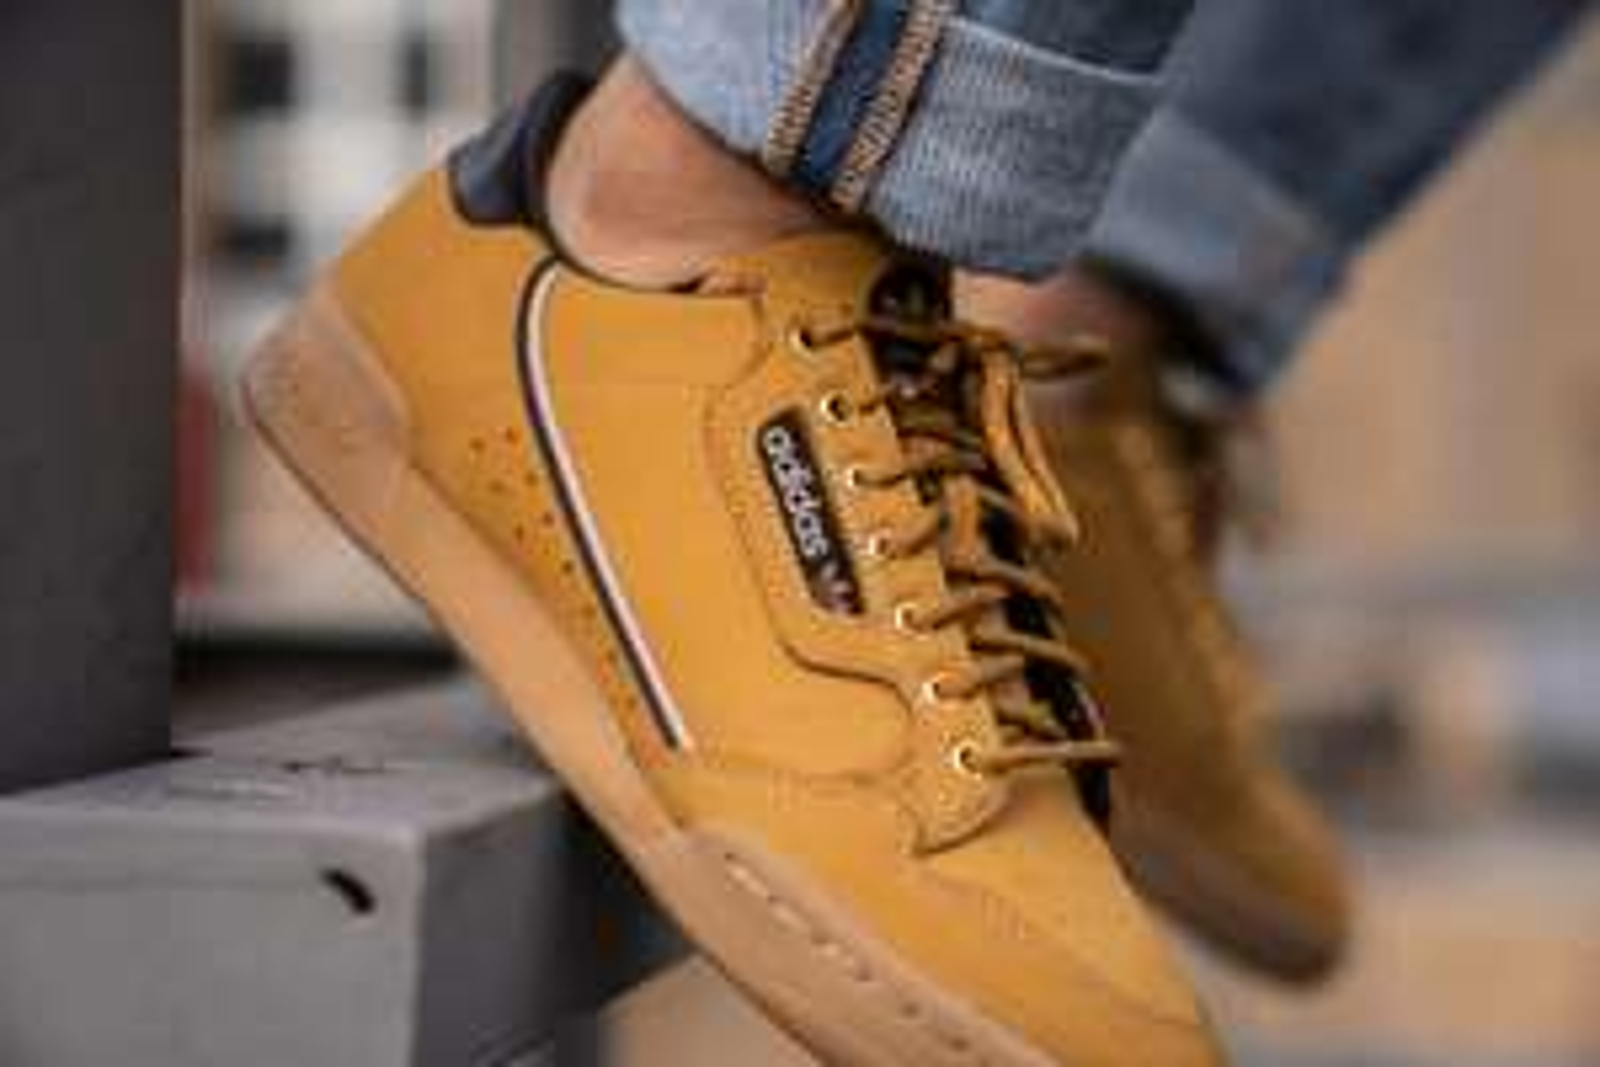 Verschillende Adidas Continental 80 sneakers - kids €29,99 - dames/heren €39,99